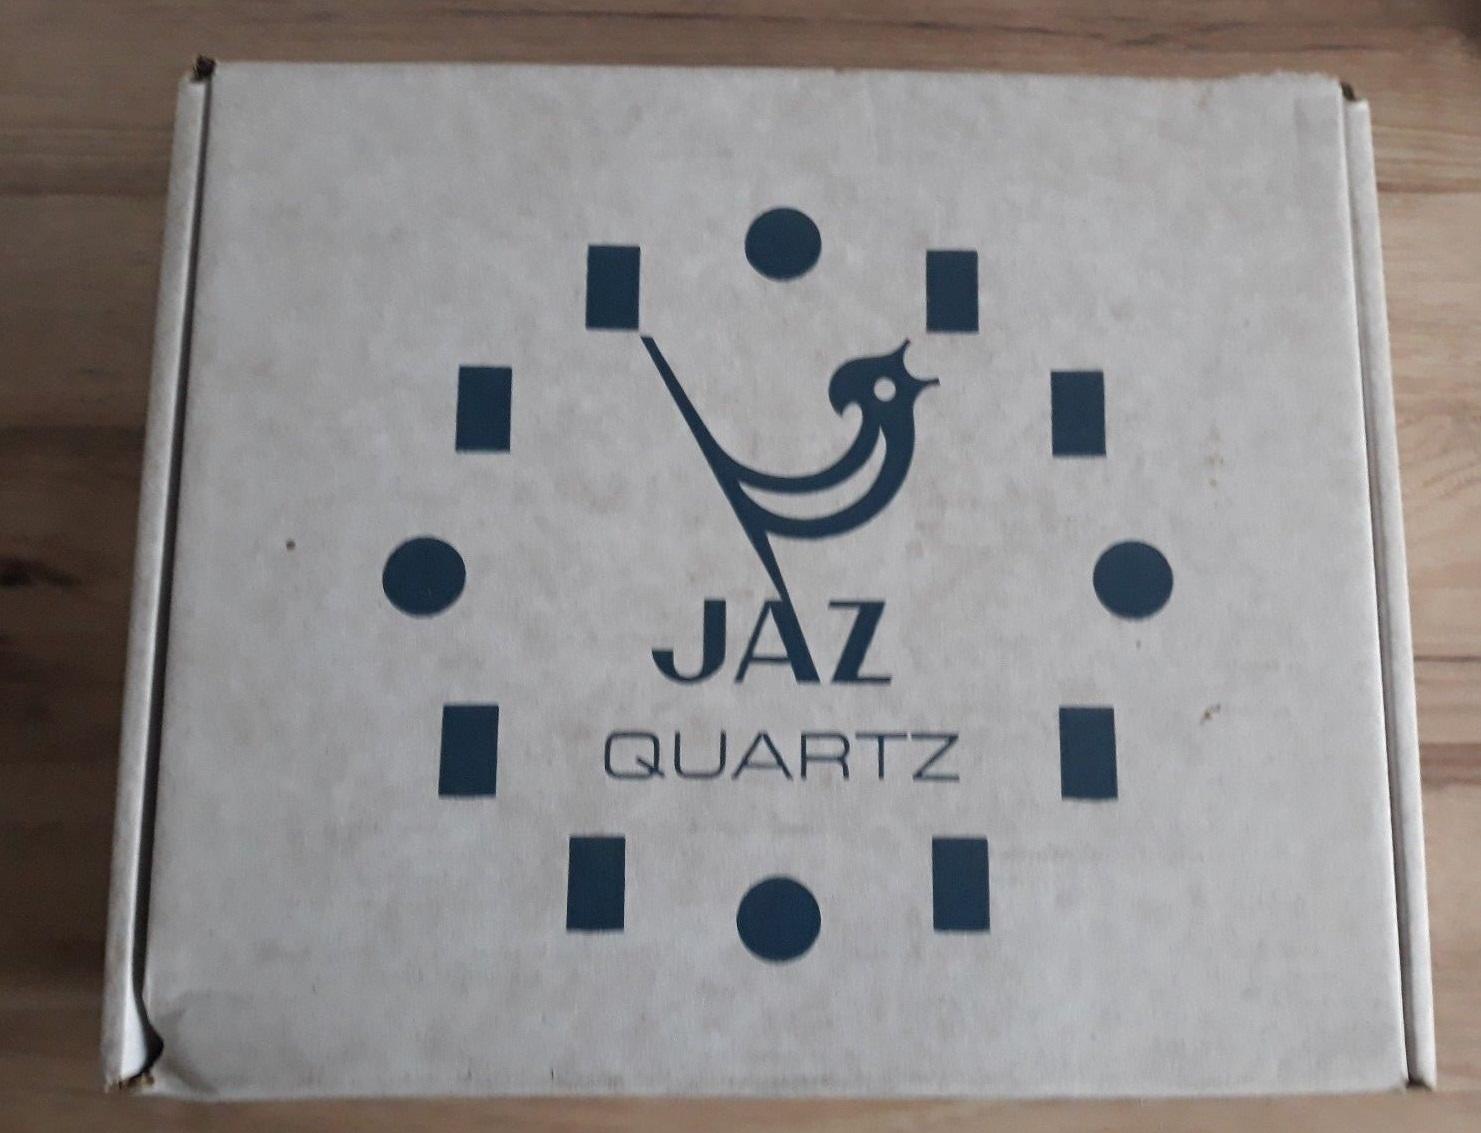 jaz quartz 7933-30 (2)